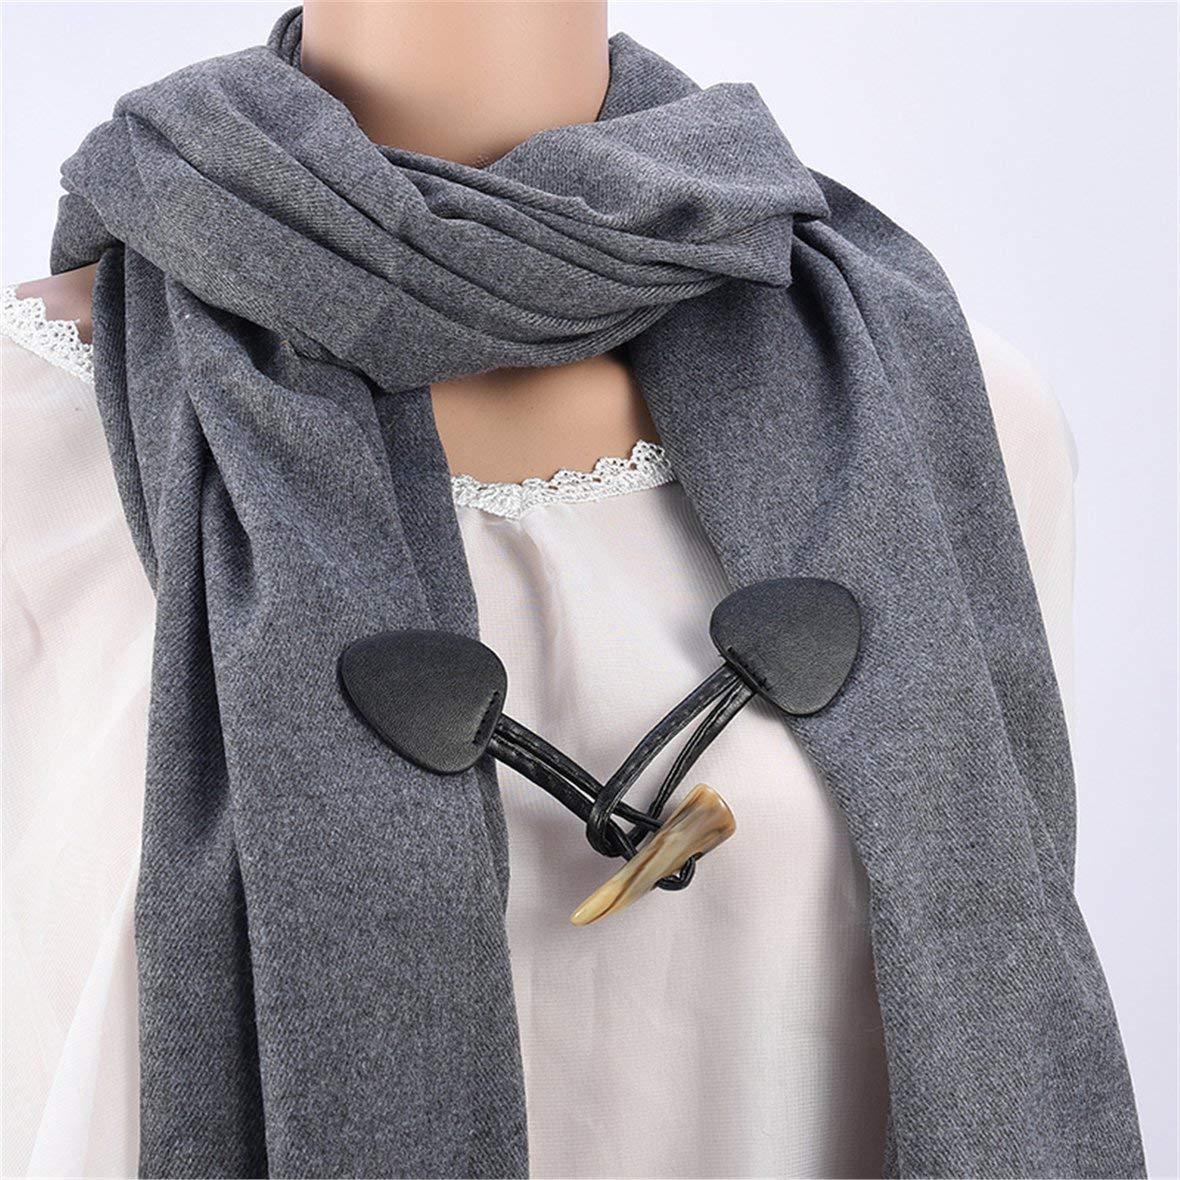 Monllack Speciale Design Sciarpa Accessori Fibbia Spilla Semplice Tre Cristalli di Cristallo Scialle Fibbia per Le Donne